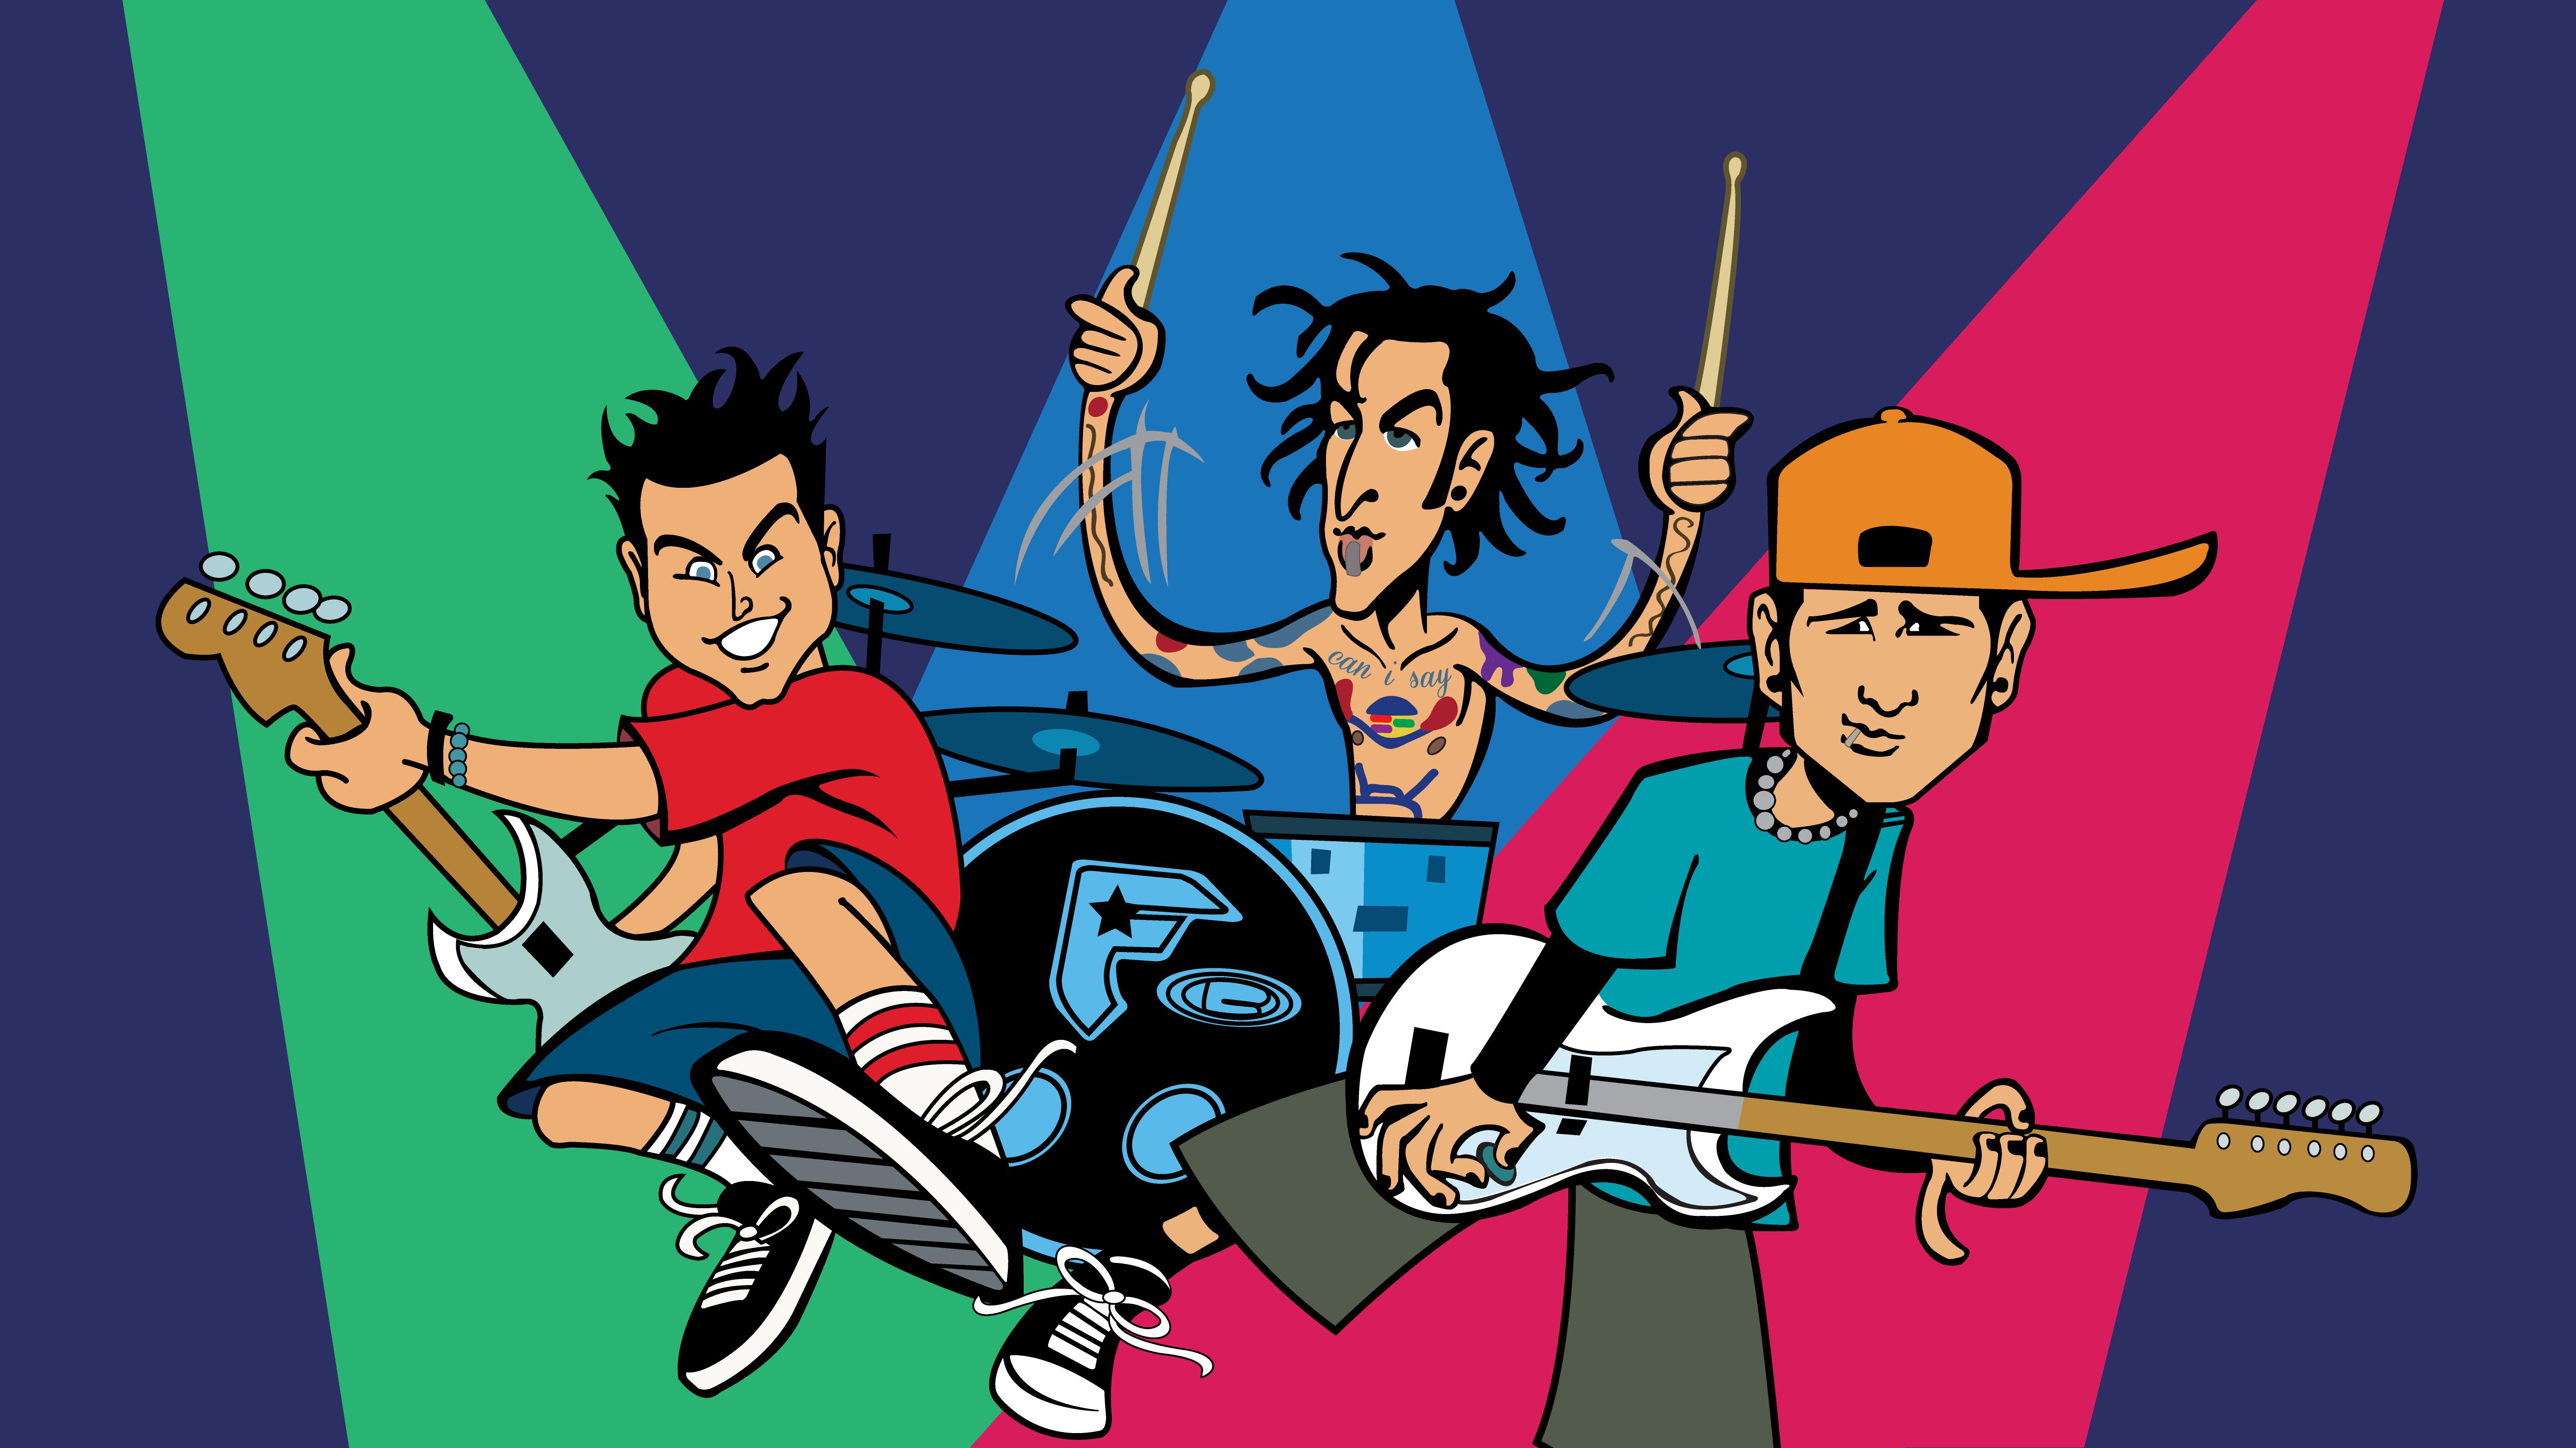 Blink 182 Background Hd Blink 182 Background Blink 182 Wallpaper Blink 182